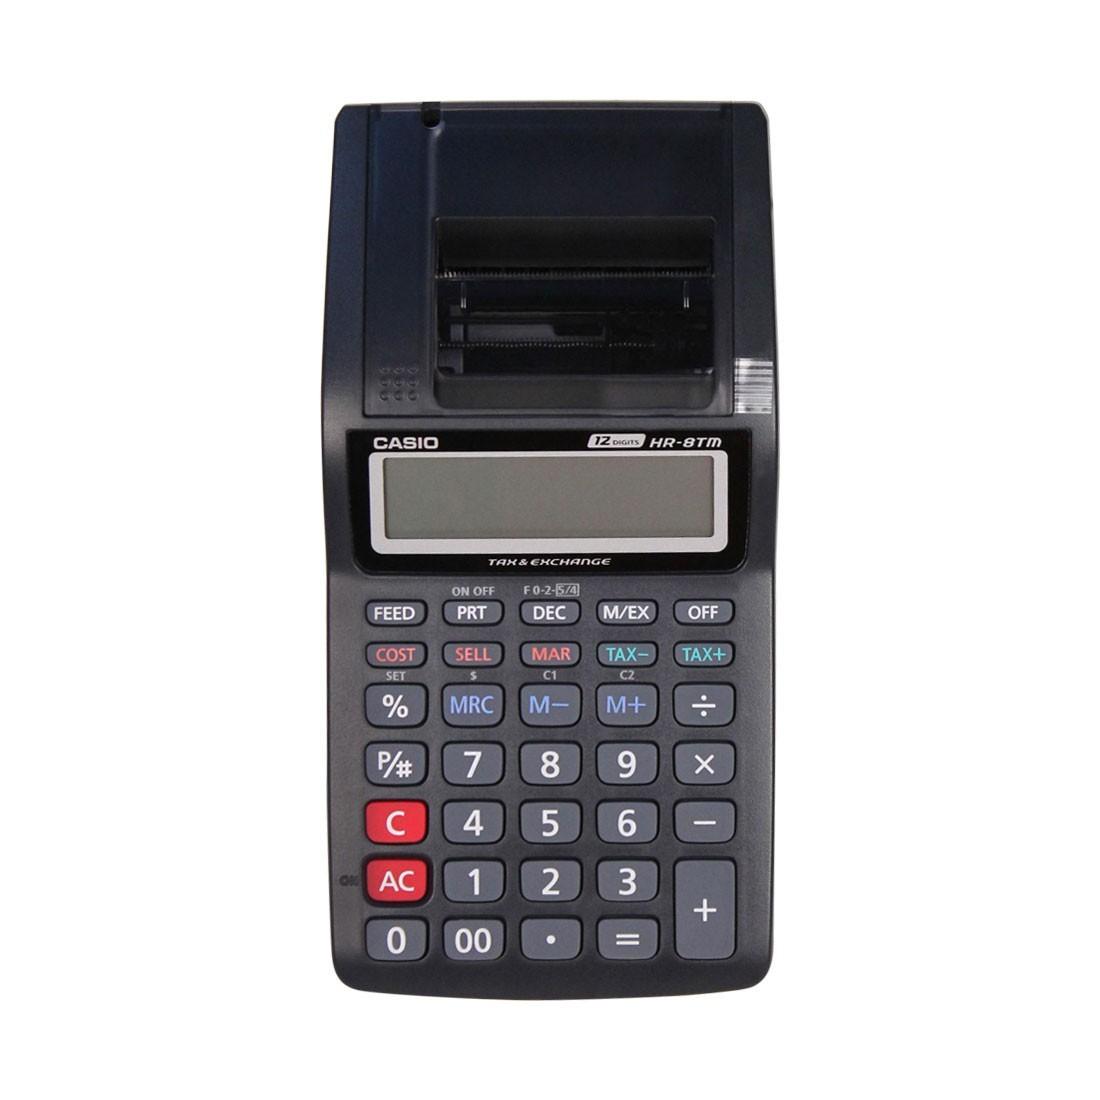 Spesifikasi Casio Kalkulator Printer Hr 8Tm Hitam Dan Harga